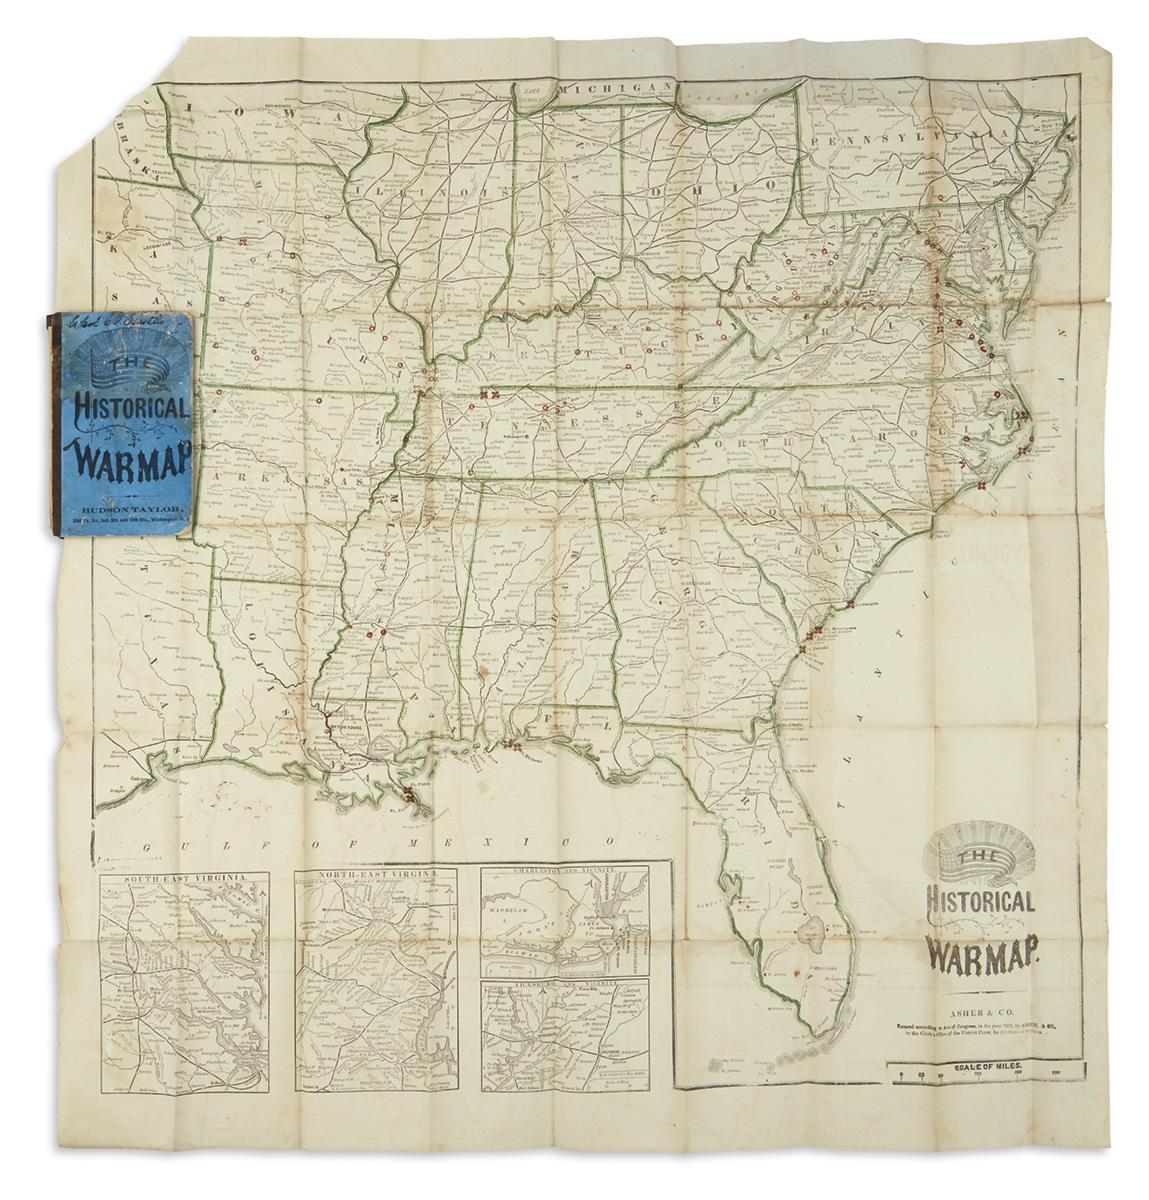 (CIVIL WAR.) Asher & Co. The Historical War Map.